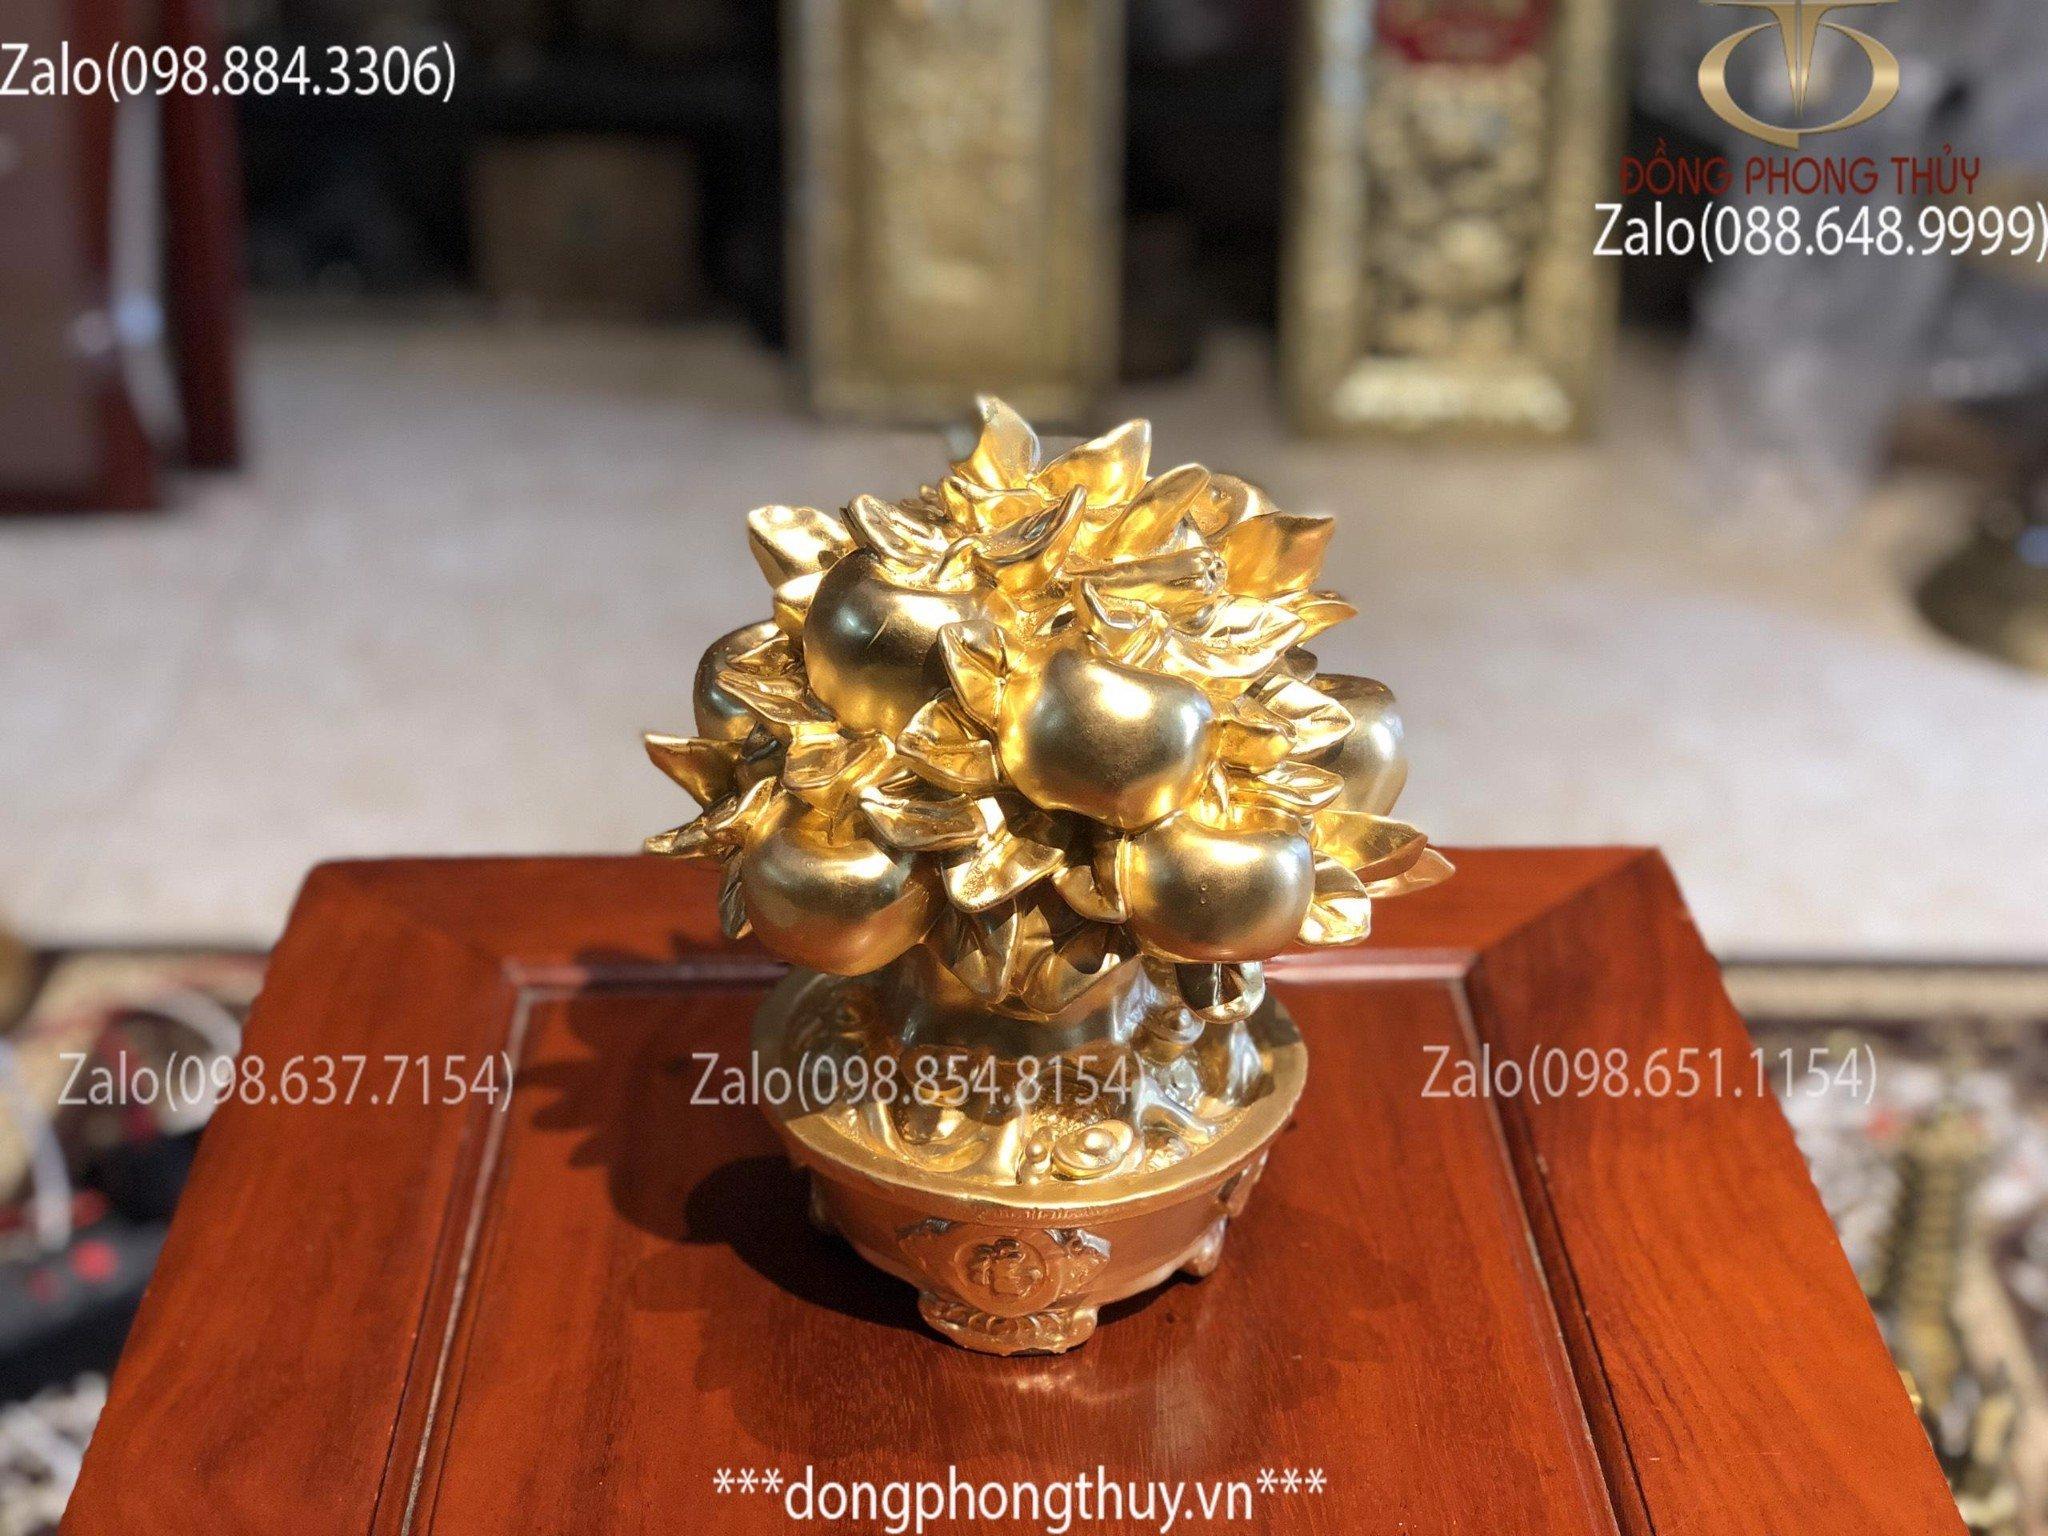 Cây tiền vàng tài lộc cây kim tiền bằng đồng dát vàng 24k